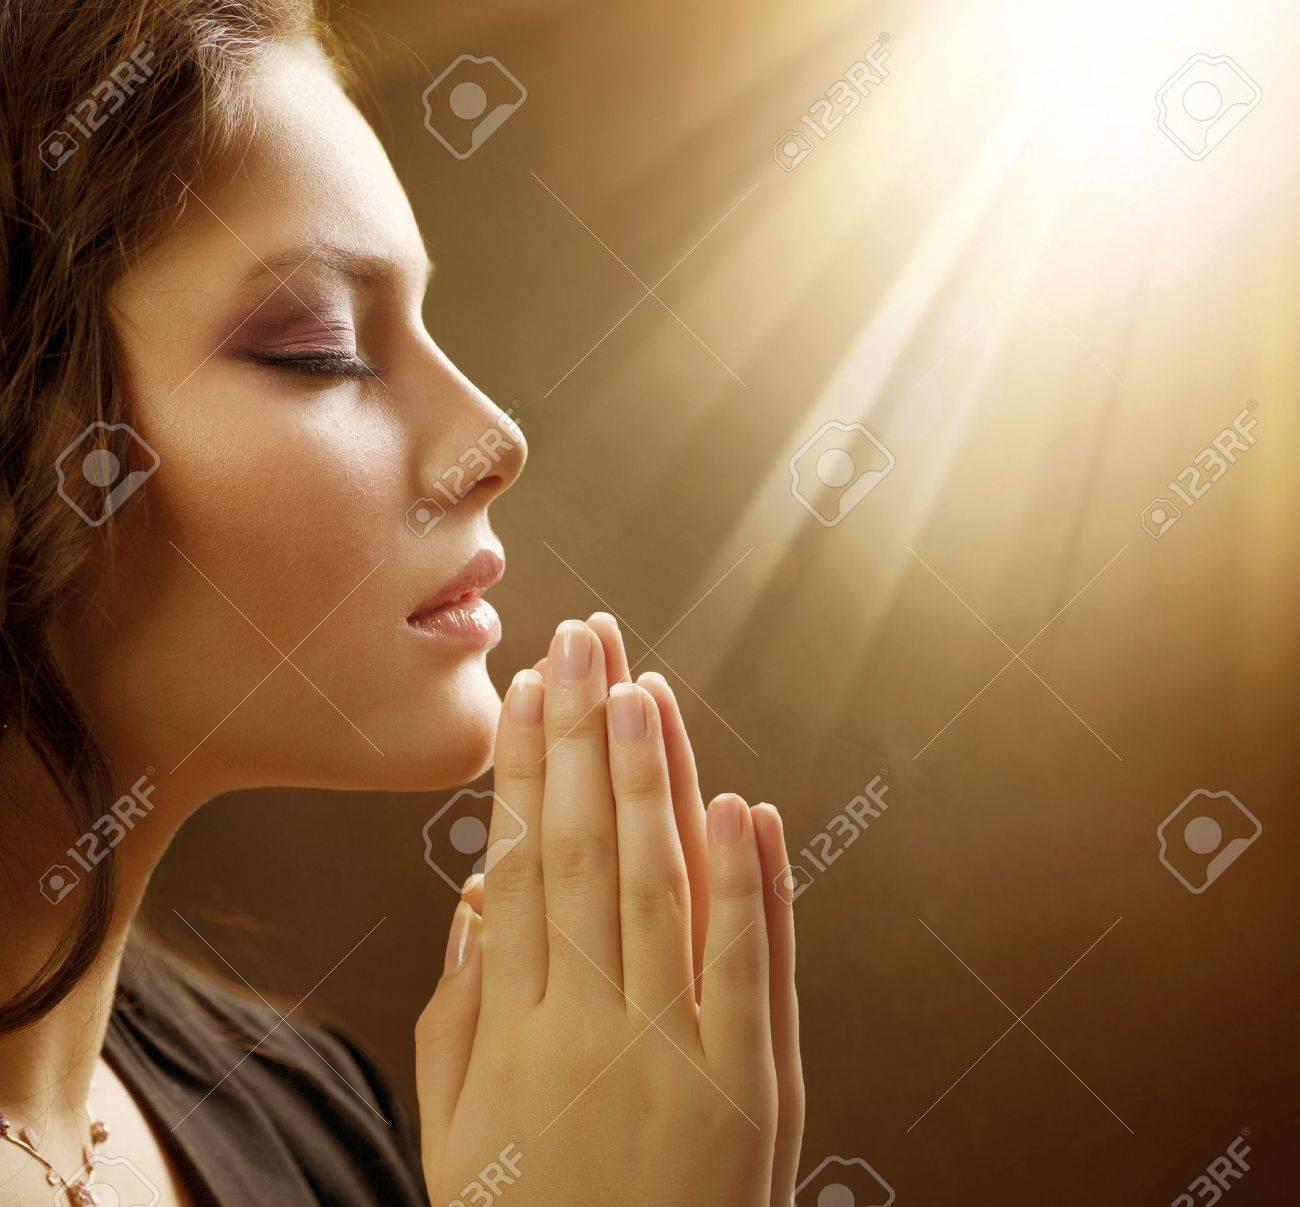 Woman Praying to Jesus Praying Praying Woman